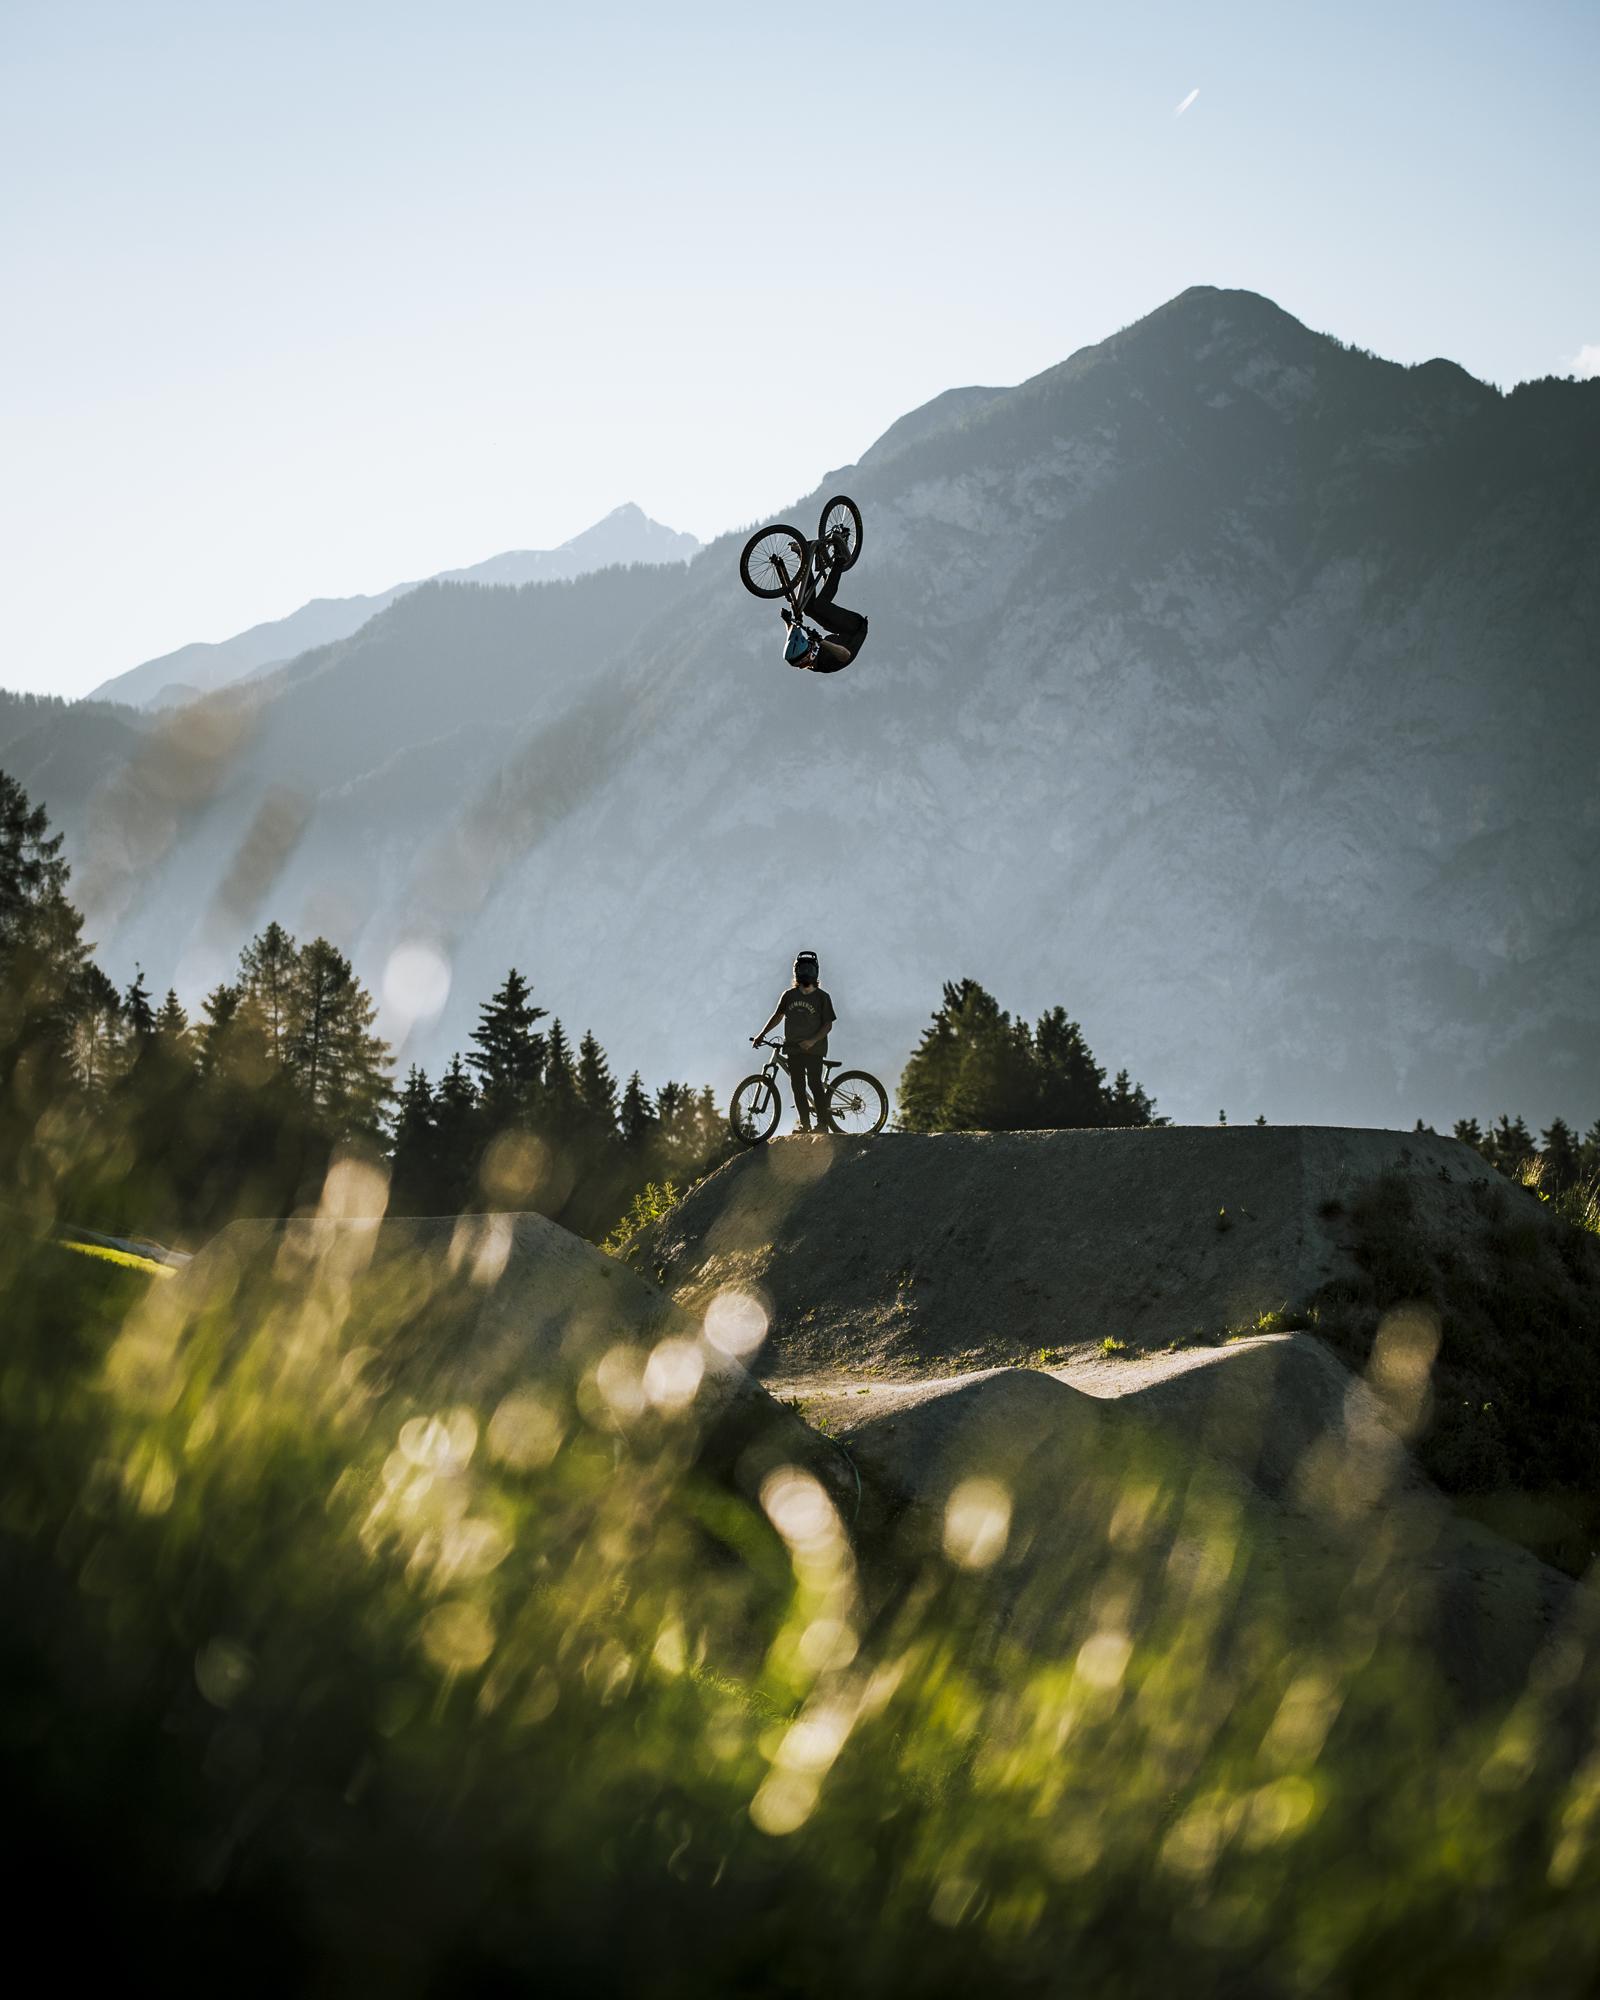 Brett Reeder taking flight